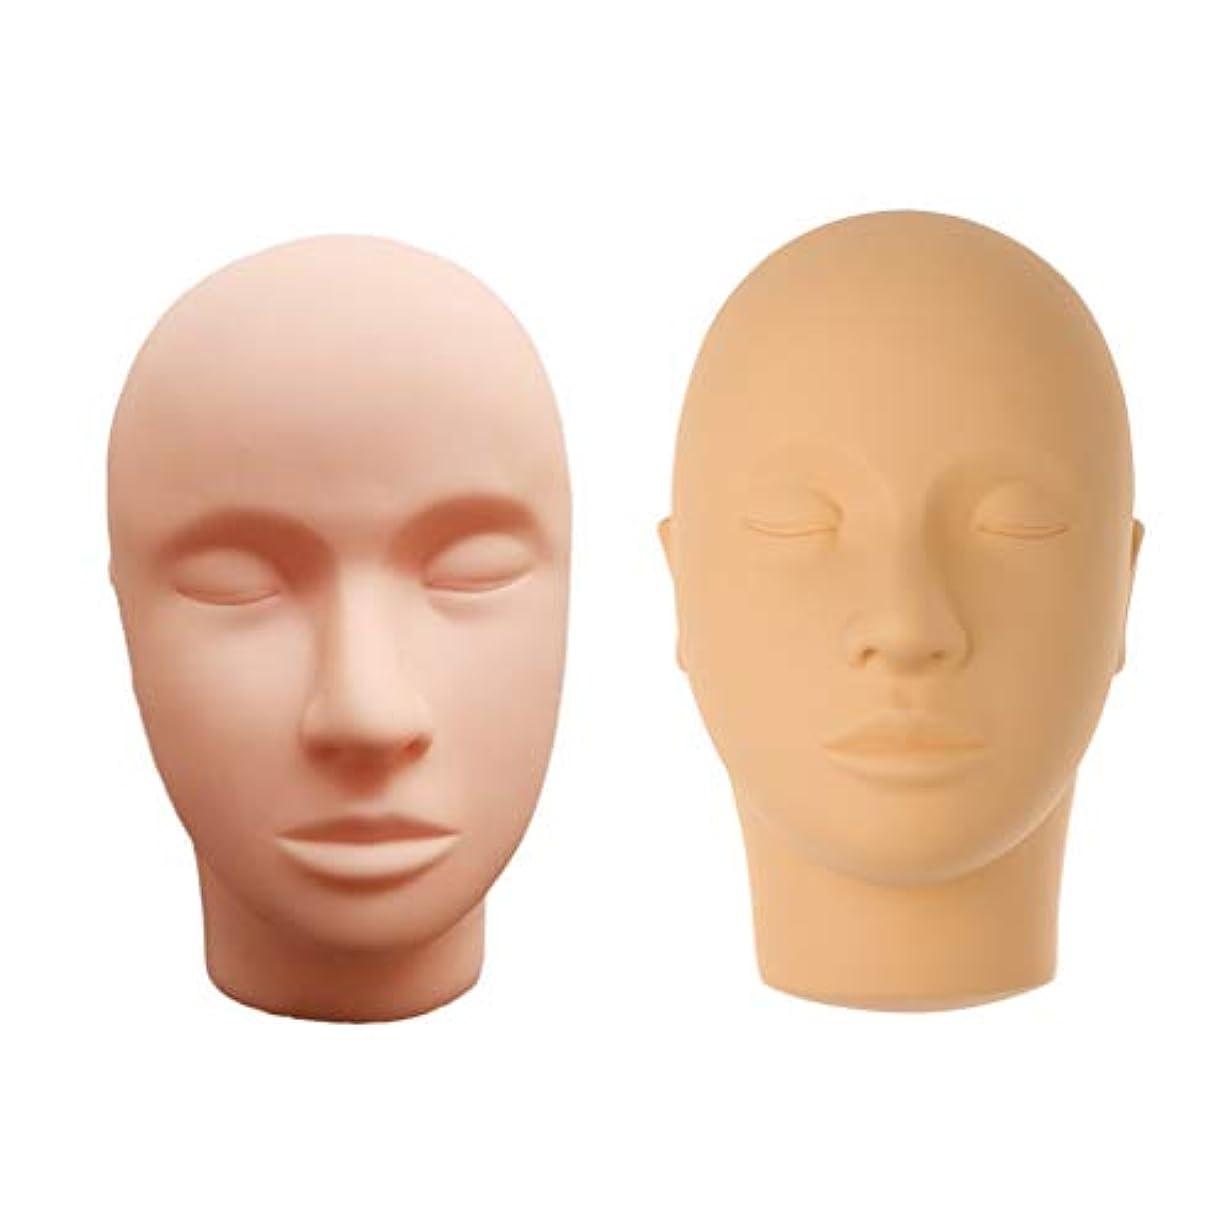 ティッシュ監査変更マネキンヘッド ディスプレイ 肌色 化粧練習 メイク マッサージ トレーニング 繰り返し利用